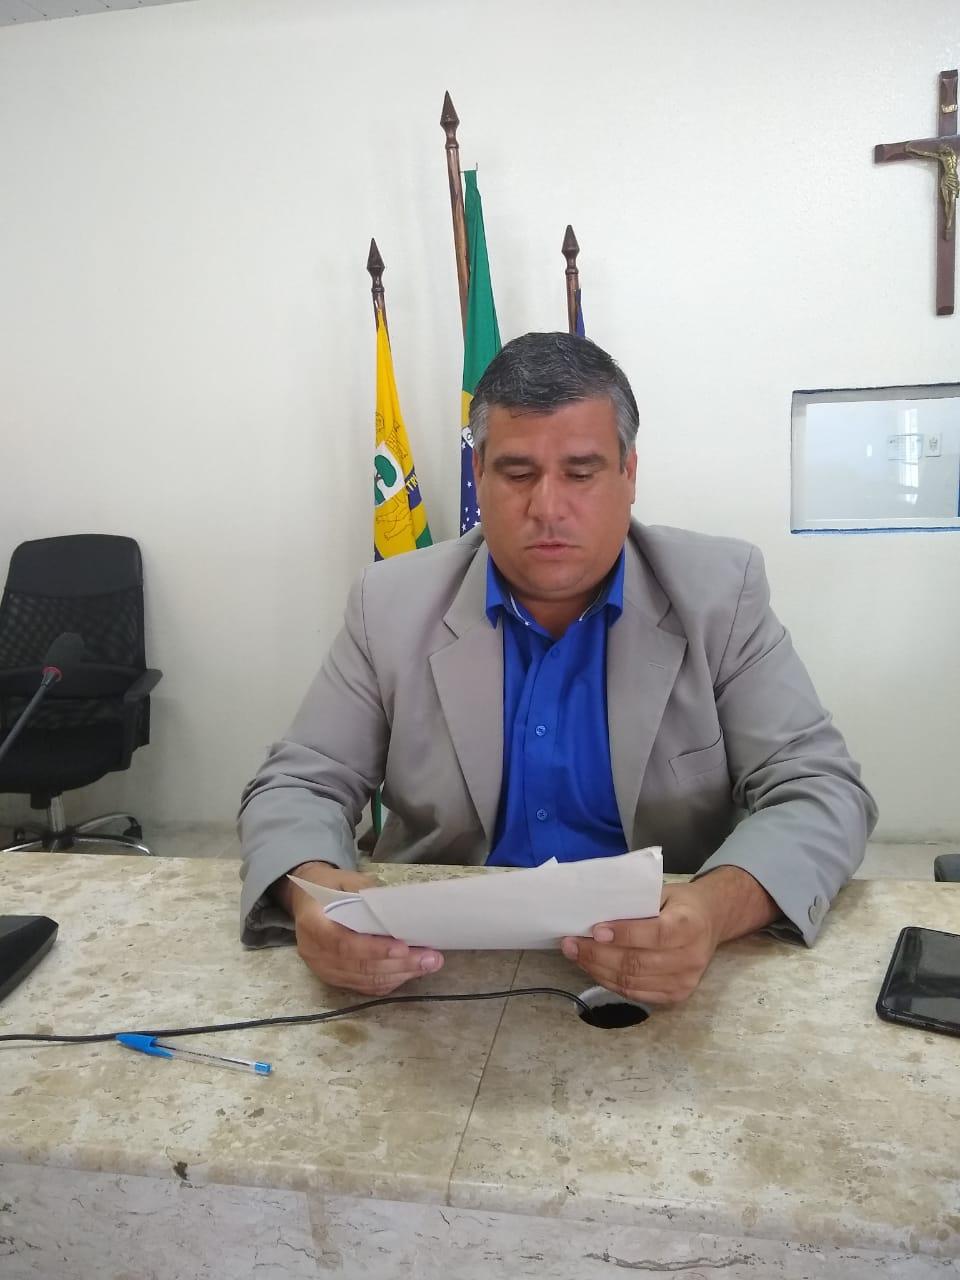 NANDO CERES CRITICA PROJETO QUE ELIMINA CARROÇAS